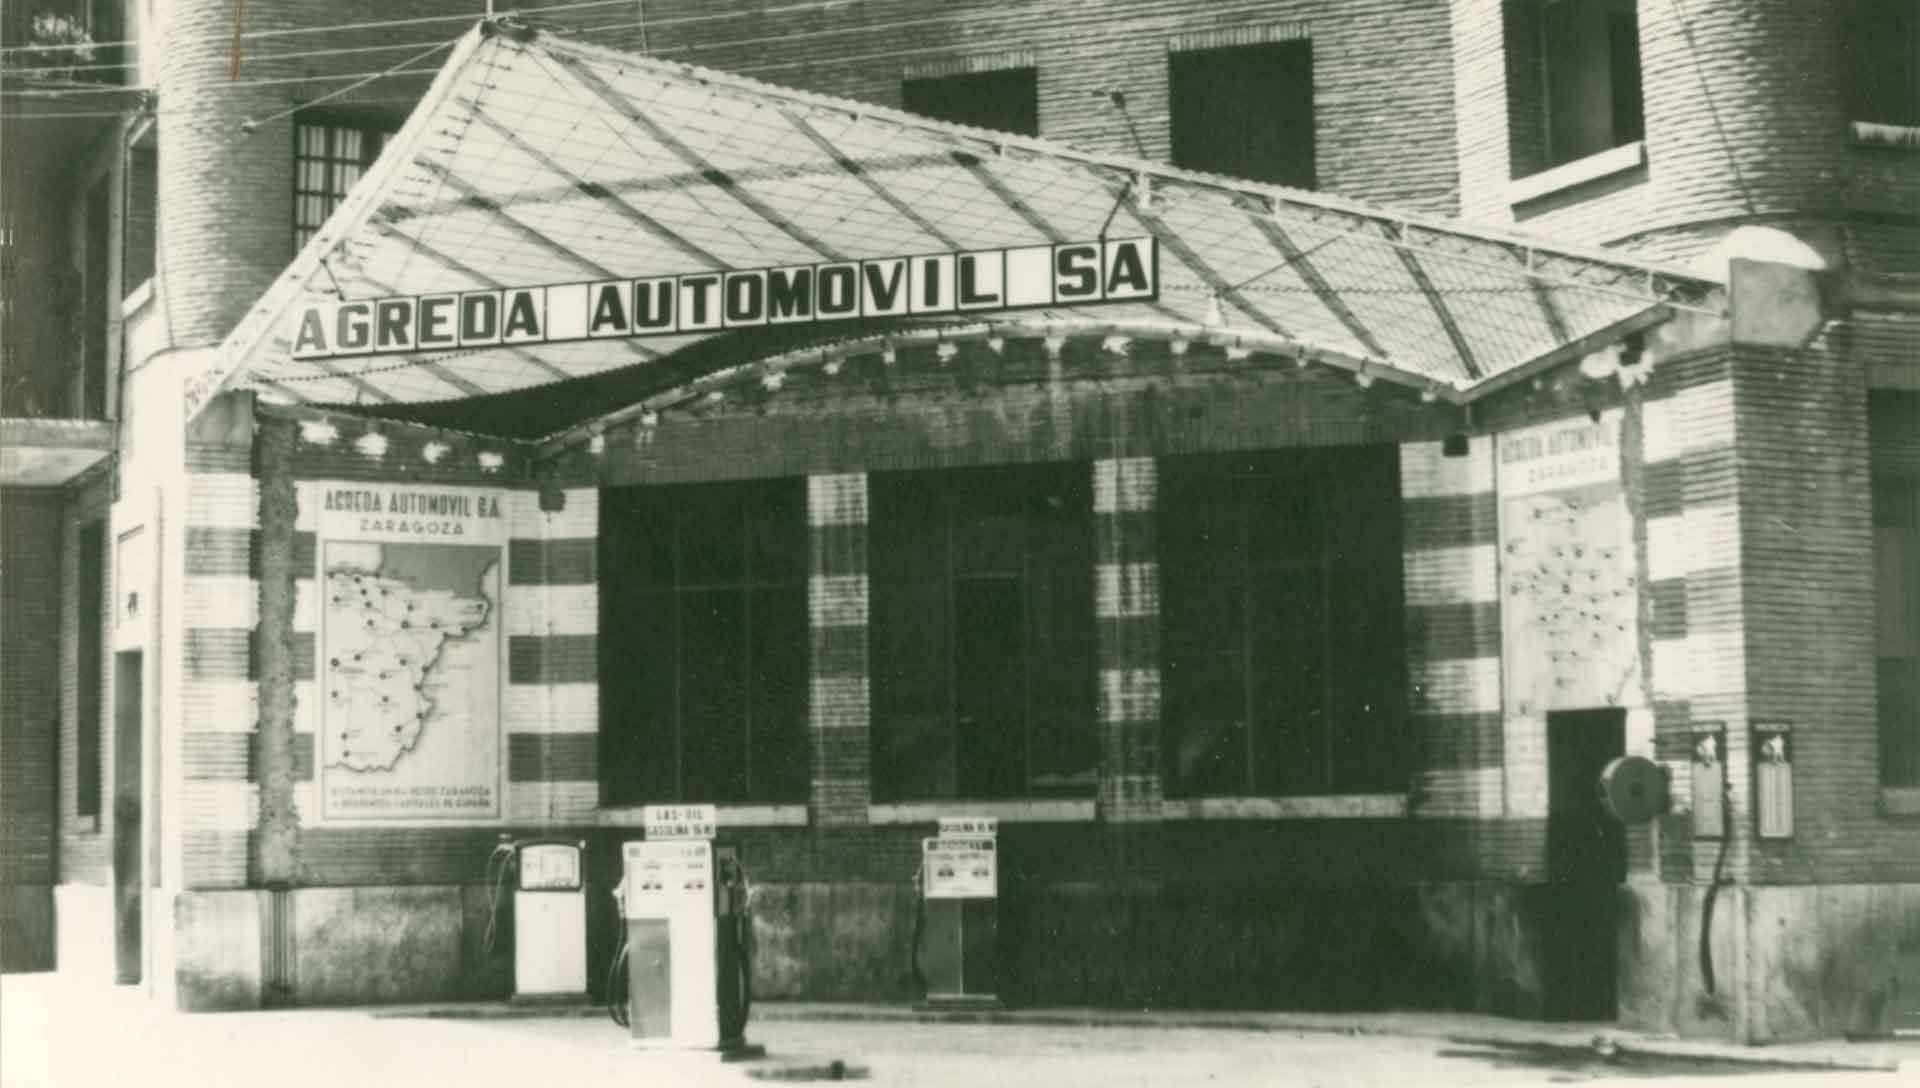 Estación de Servicio - 2 1940 AGREDA AUTOMOVIL